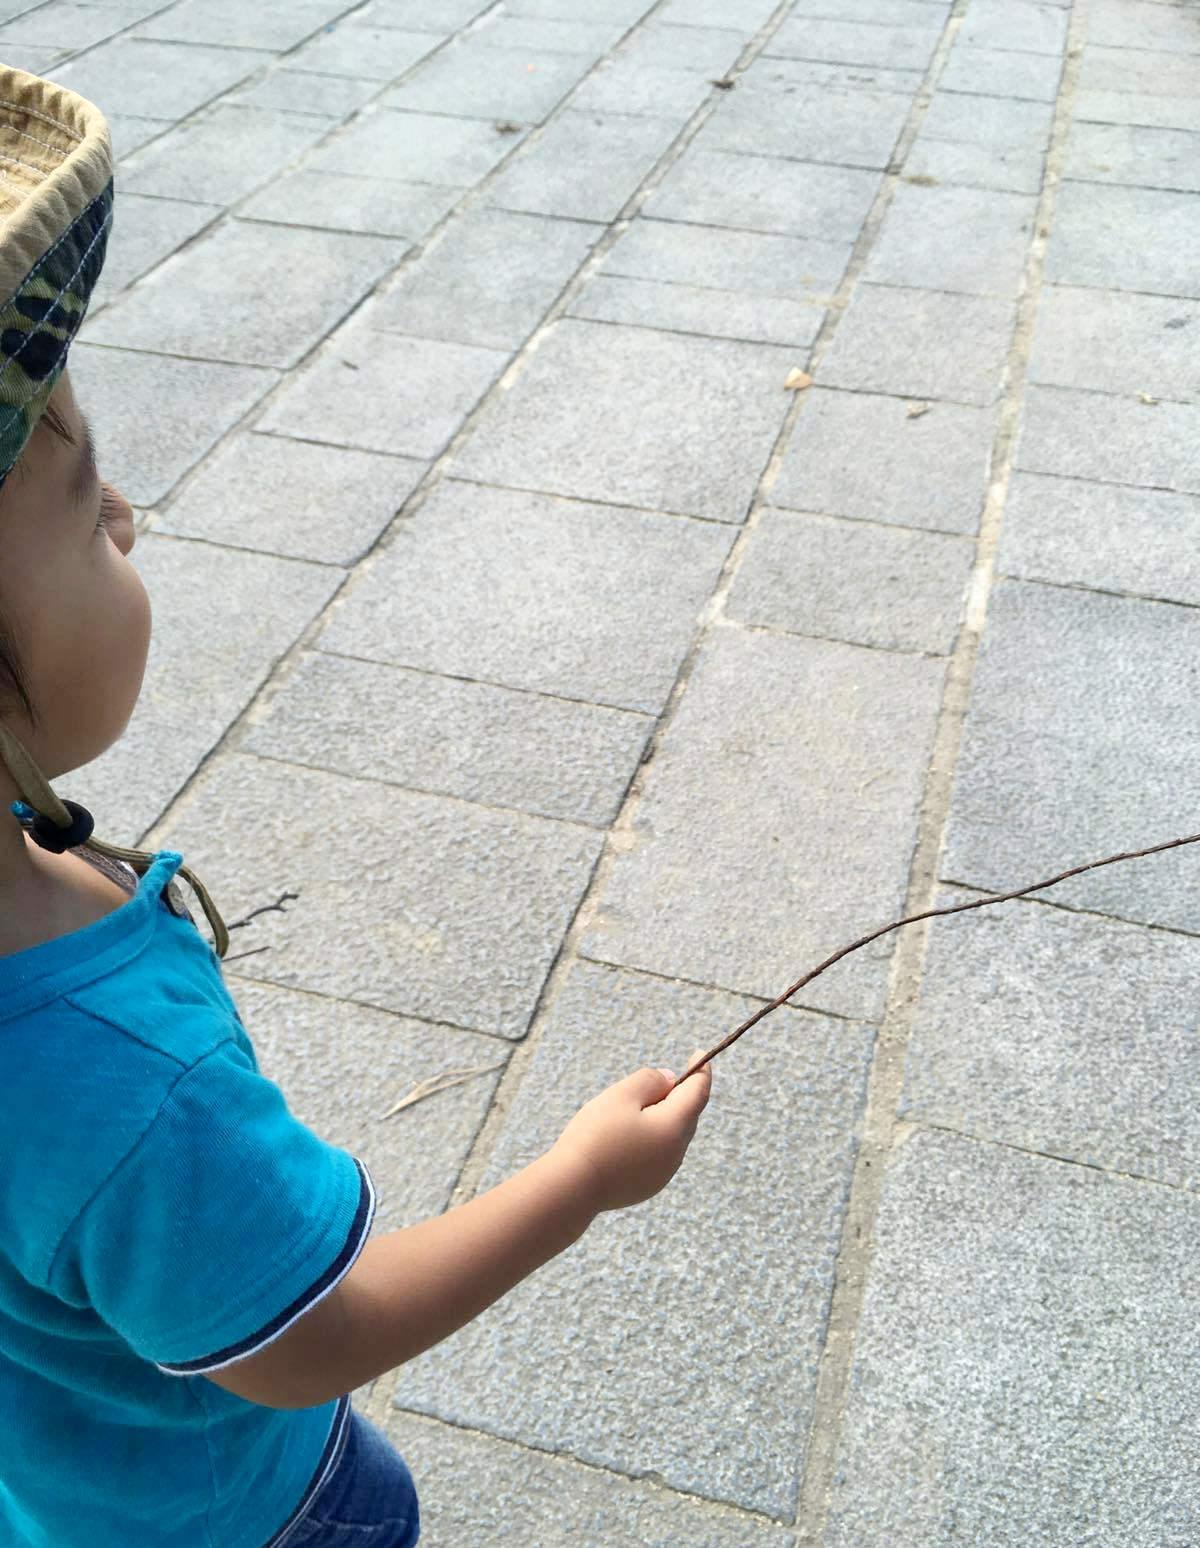 男の子はなぜ木の棒を拾うのか?